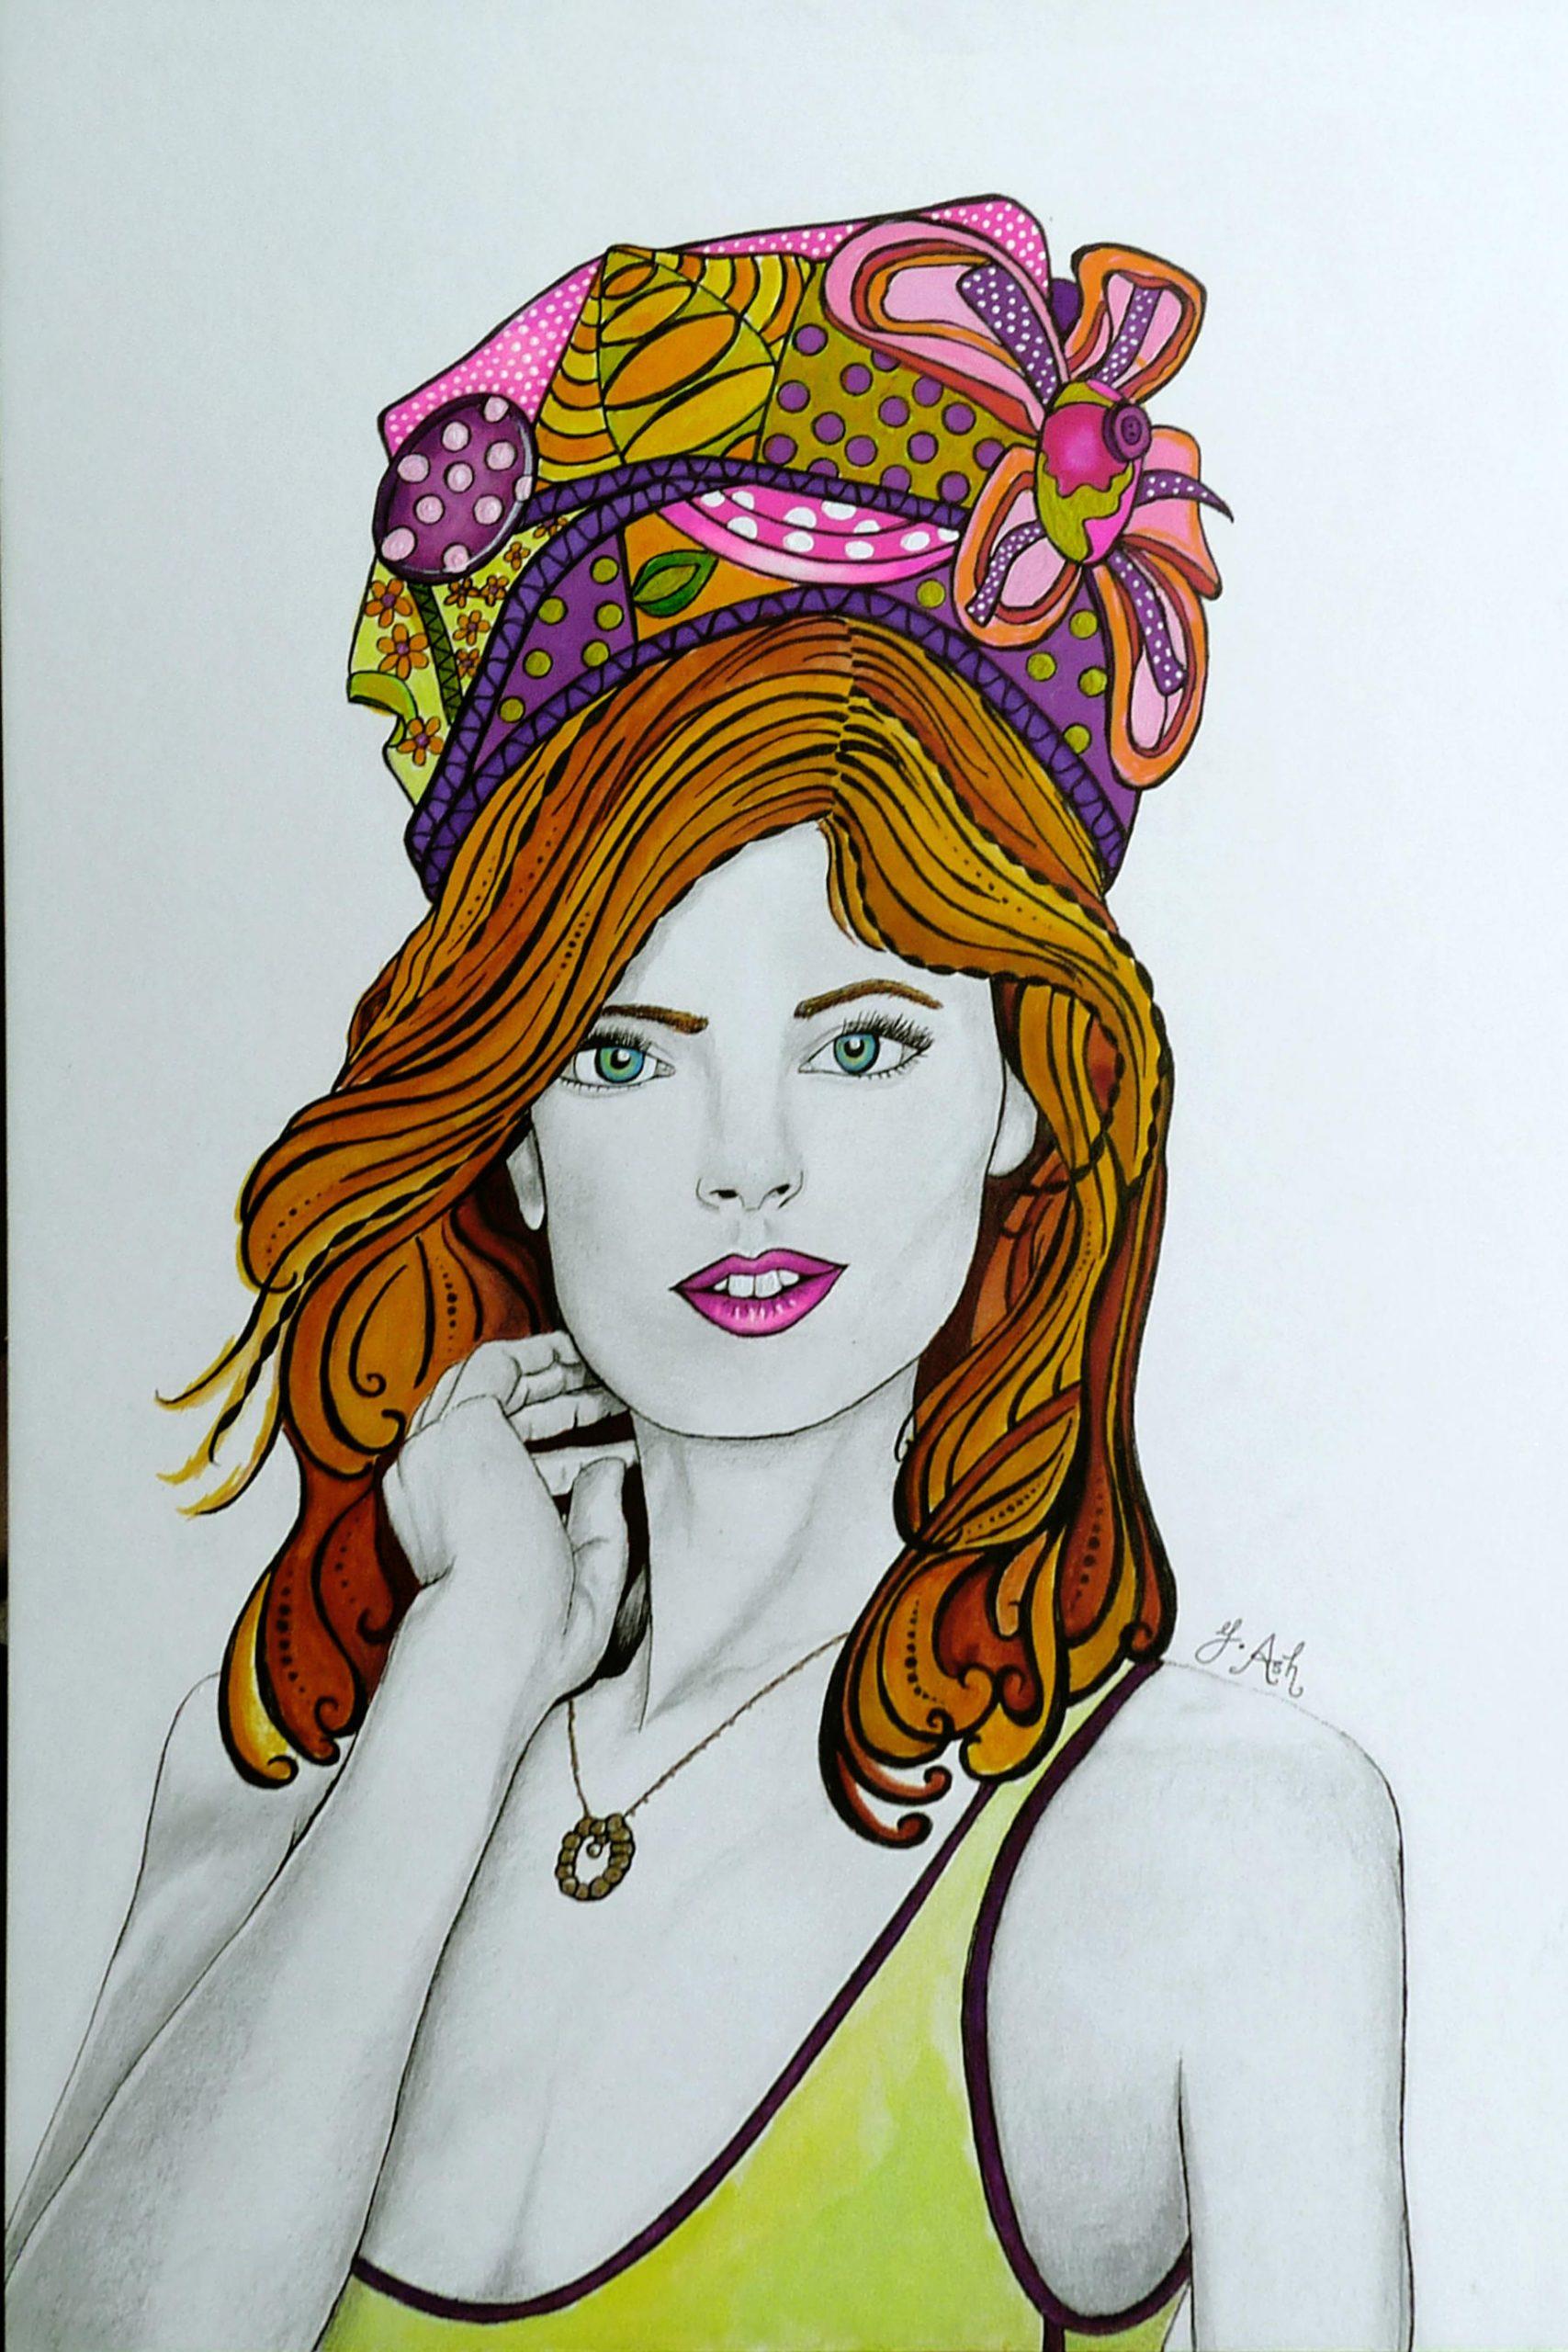 """<span style=""""color: #ff0000;""""><a style=""""color: #ff0000;"""" href=""""mailto:marie.laura@@videotron.ca?subject=Défi 15 dessins 15 semaines - La jeune fille au turban"""">Contacter l'artiste</a></span> Ginette Ash - La jeune fille au turban - 450 $ (transaction directement avec l'artiste) - techn. mixte (graphite, crayons de couleurs, feutre) sur papier - 15x10 po encadré"""